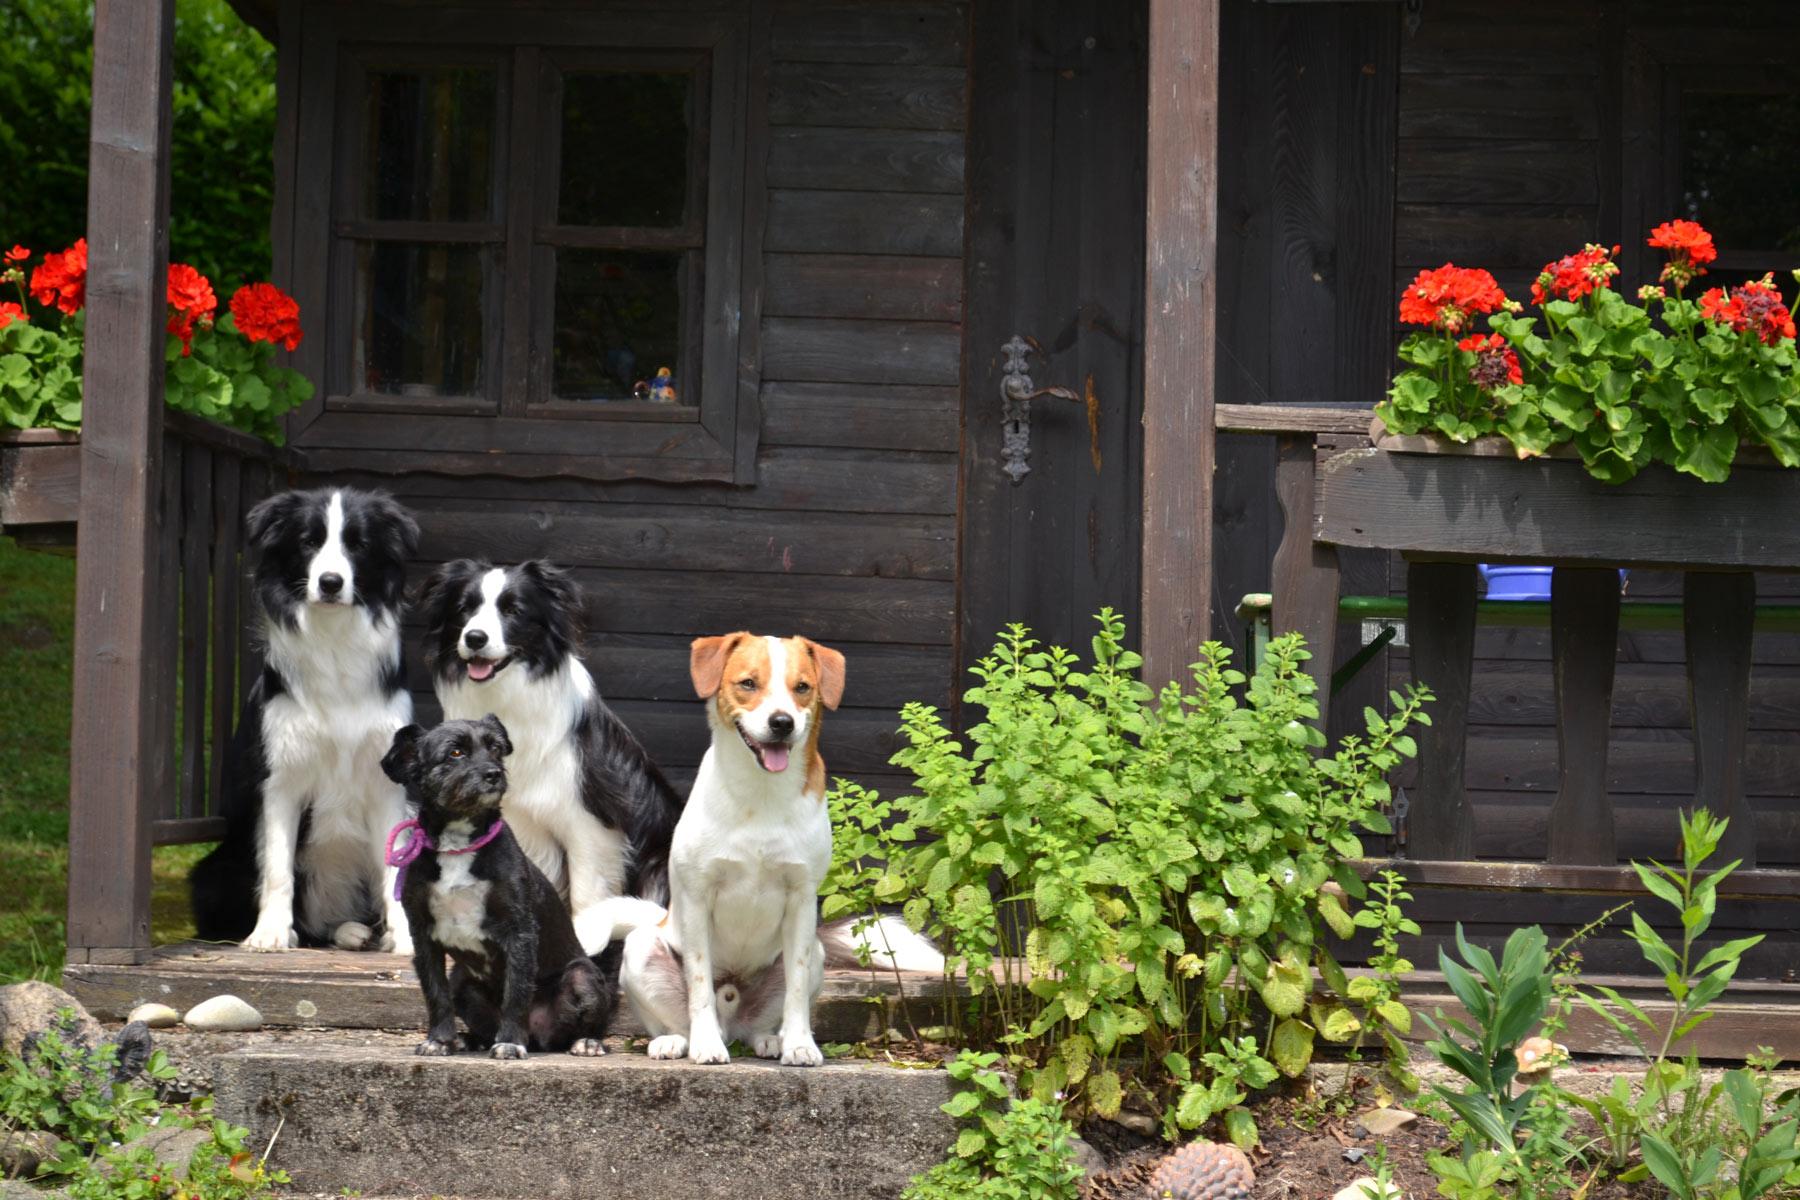 Urlaub mit Hund im Ferienhaus Naturliebe, Ferienhaus mit Hund